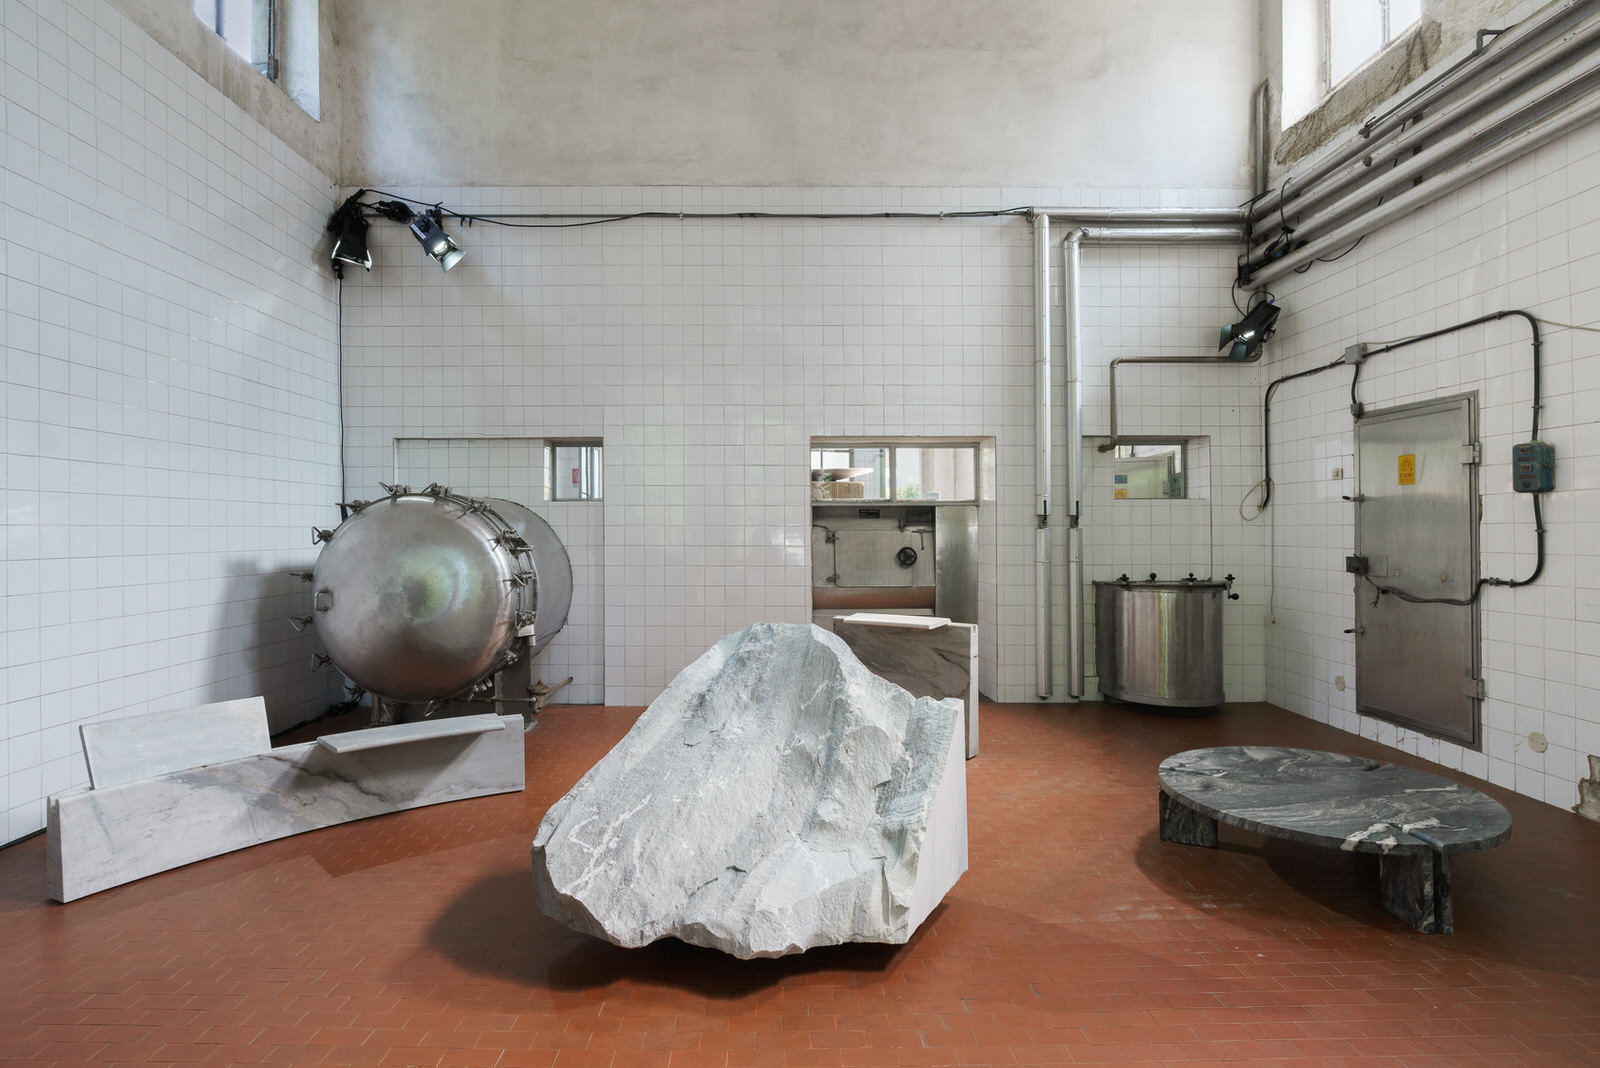 Alcova Milan 2021 Agglomerati Fred Ganim Photo Dsl Studio Piercarlo Quecchia Yellowtrace